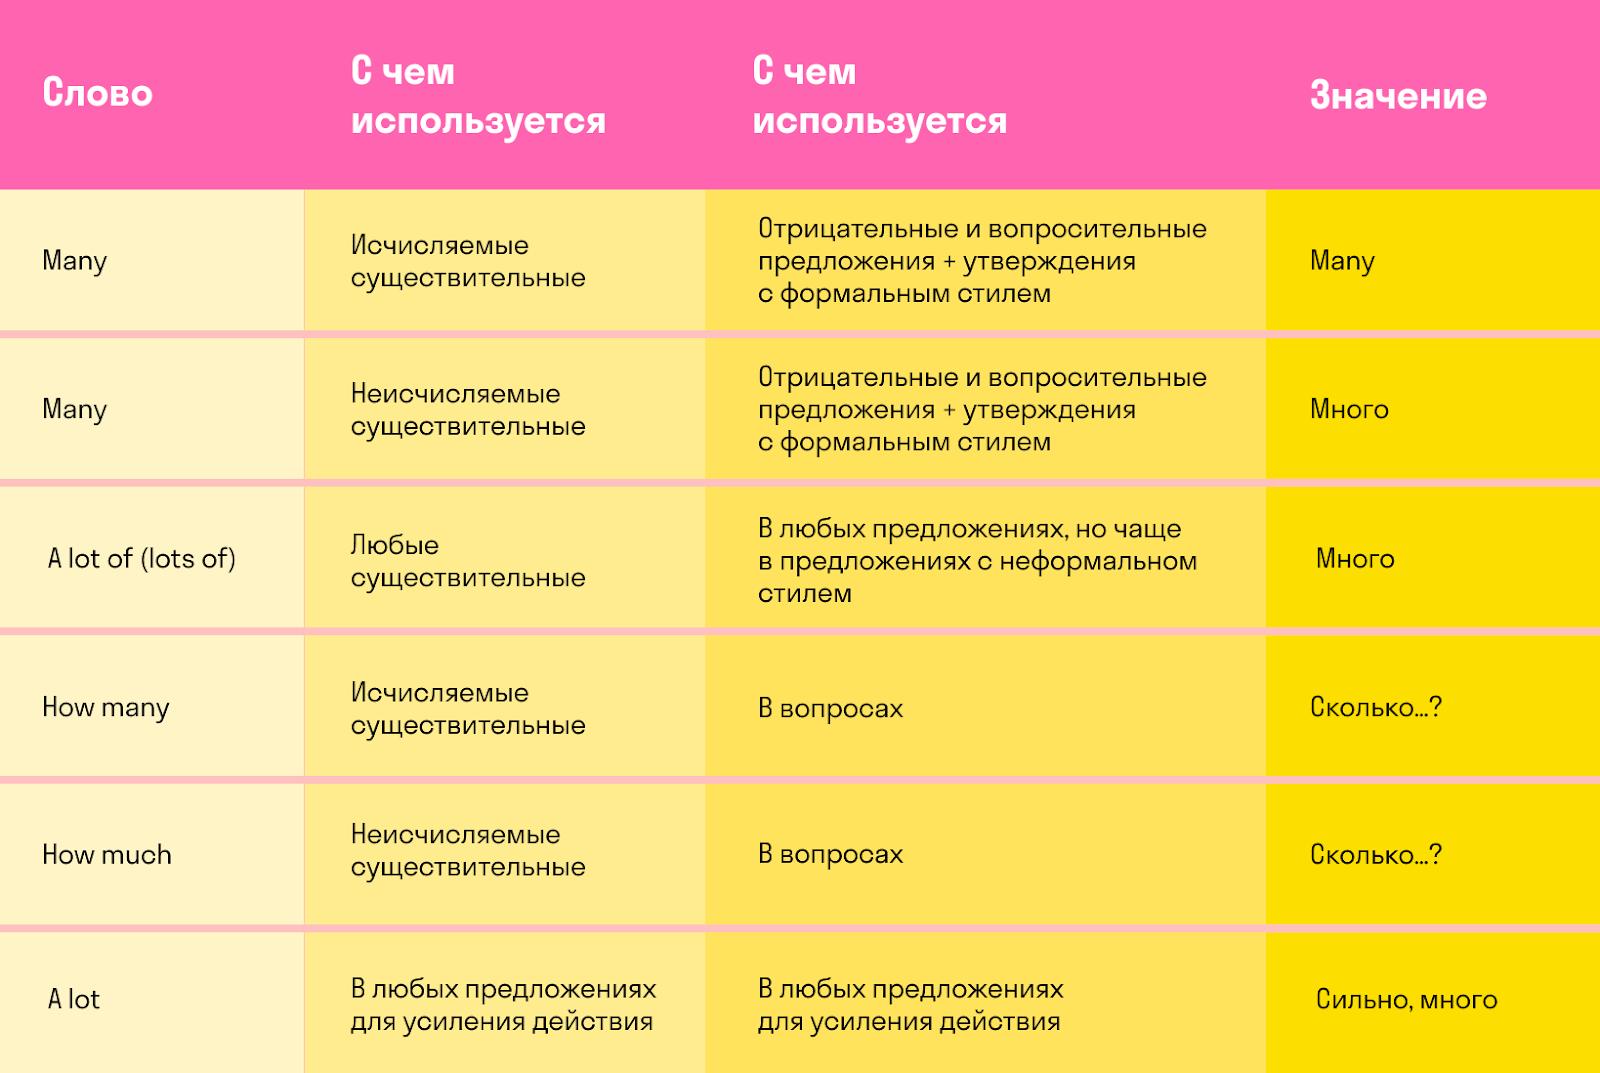 Правила употребления much, many и a lot: таблица